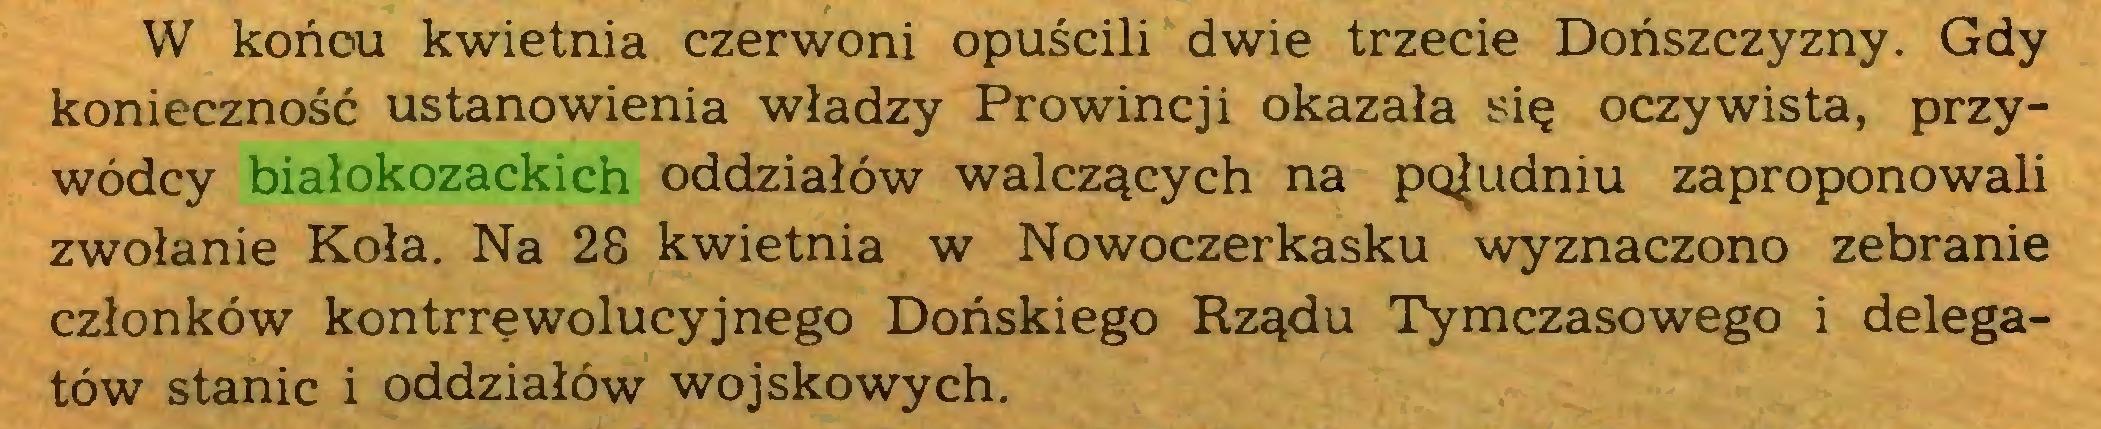 (...) W końou kwietnia czerwoni opuścili dwie trzecie Dońszczyzny. Gdy konieczność ustanowienia władzy Prowincji okazała się oczywista, przywódcy białokozackich oddziałów walczących na południu zaproponowali zwołanie Koła. Na 28 kwietnia w Nowoczerkasku wyznaczono zebranie członków kontrrewolucyjnego Dońskiego Rządu Tymczasowego i delegatów stanic i oddziałów wojskowych...